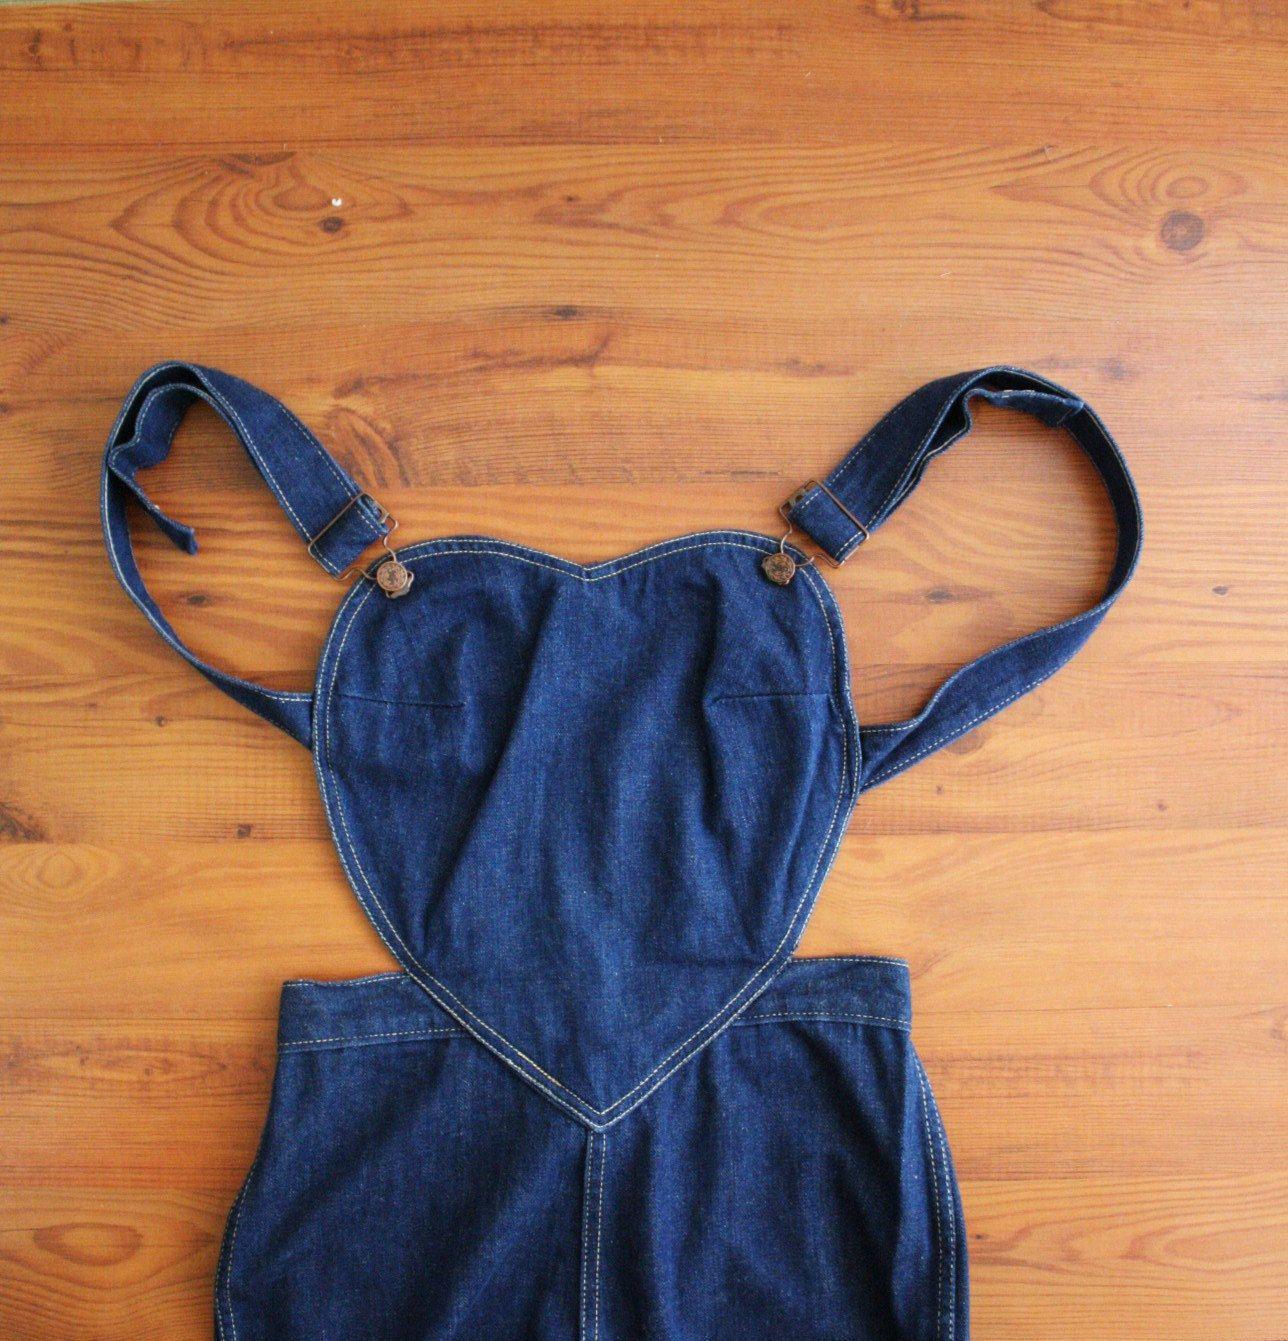 d594b229d4fd RESERVED--- Vintage Overalls . Denim Heart . Novelty . 70 s Pants.  78.00